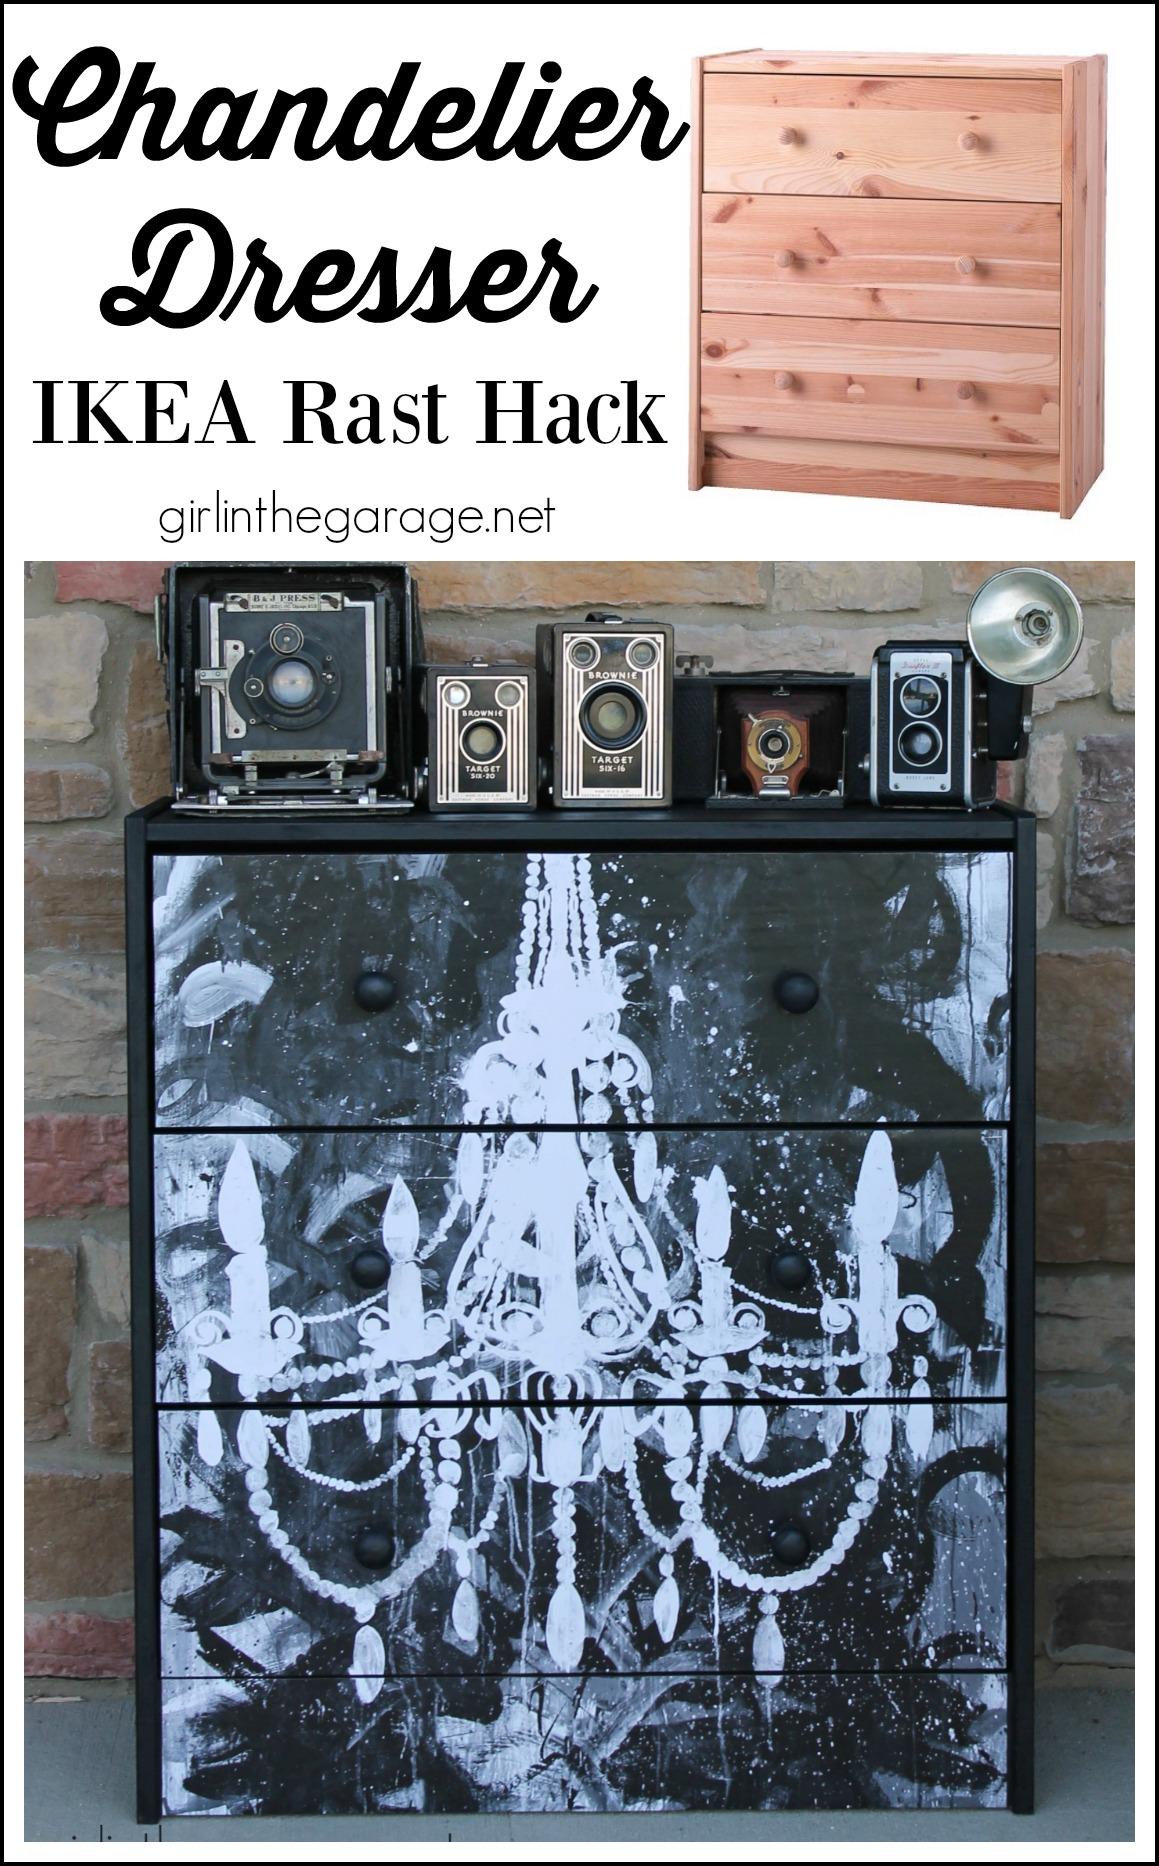 Chandelier Dresser - IKEA Rast Hack by Girl in the Garage